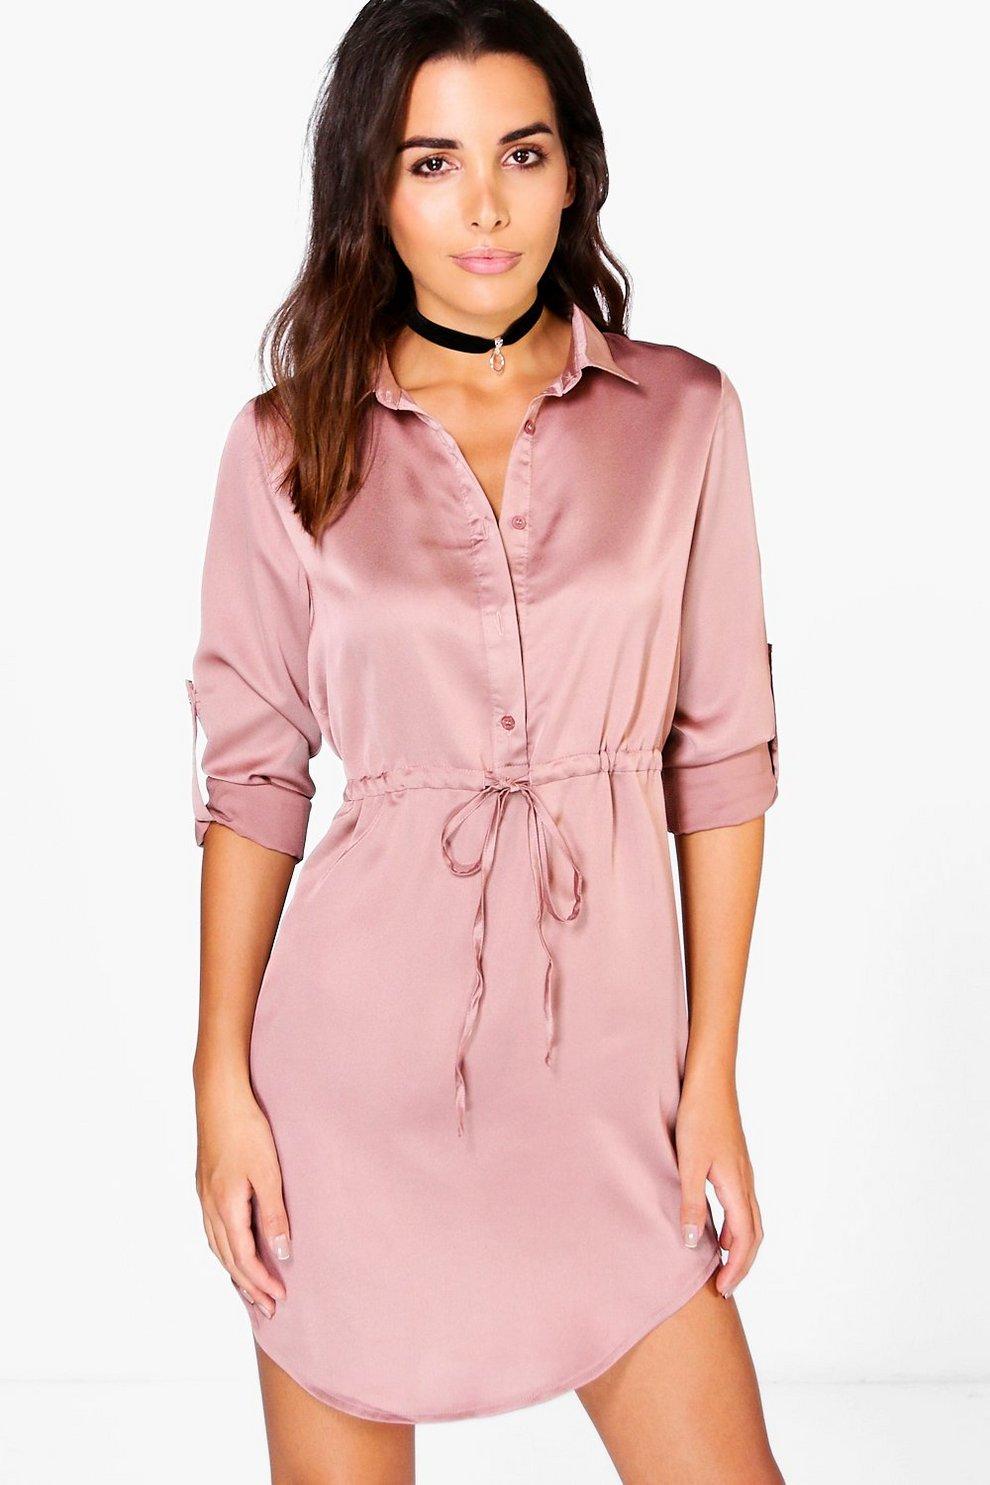 046ec4212 Vestido estilo camisa de satén con cordón ajustable en cintura